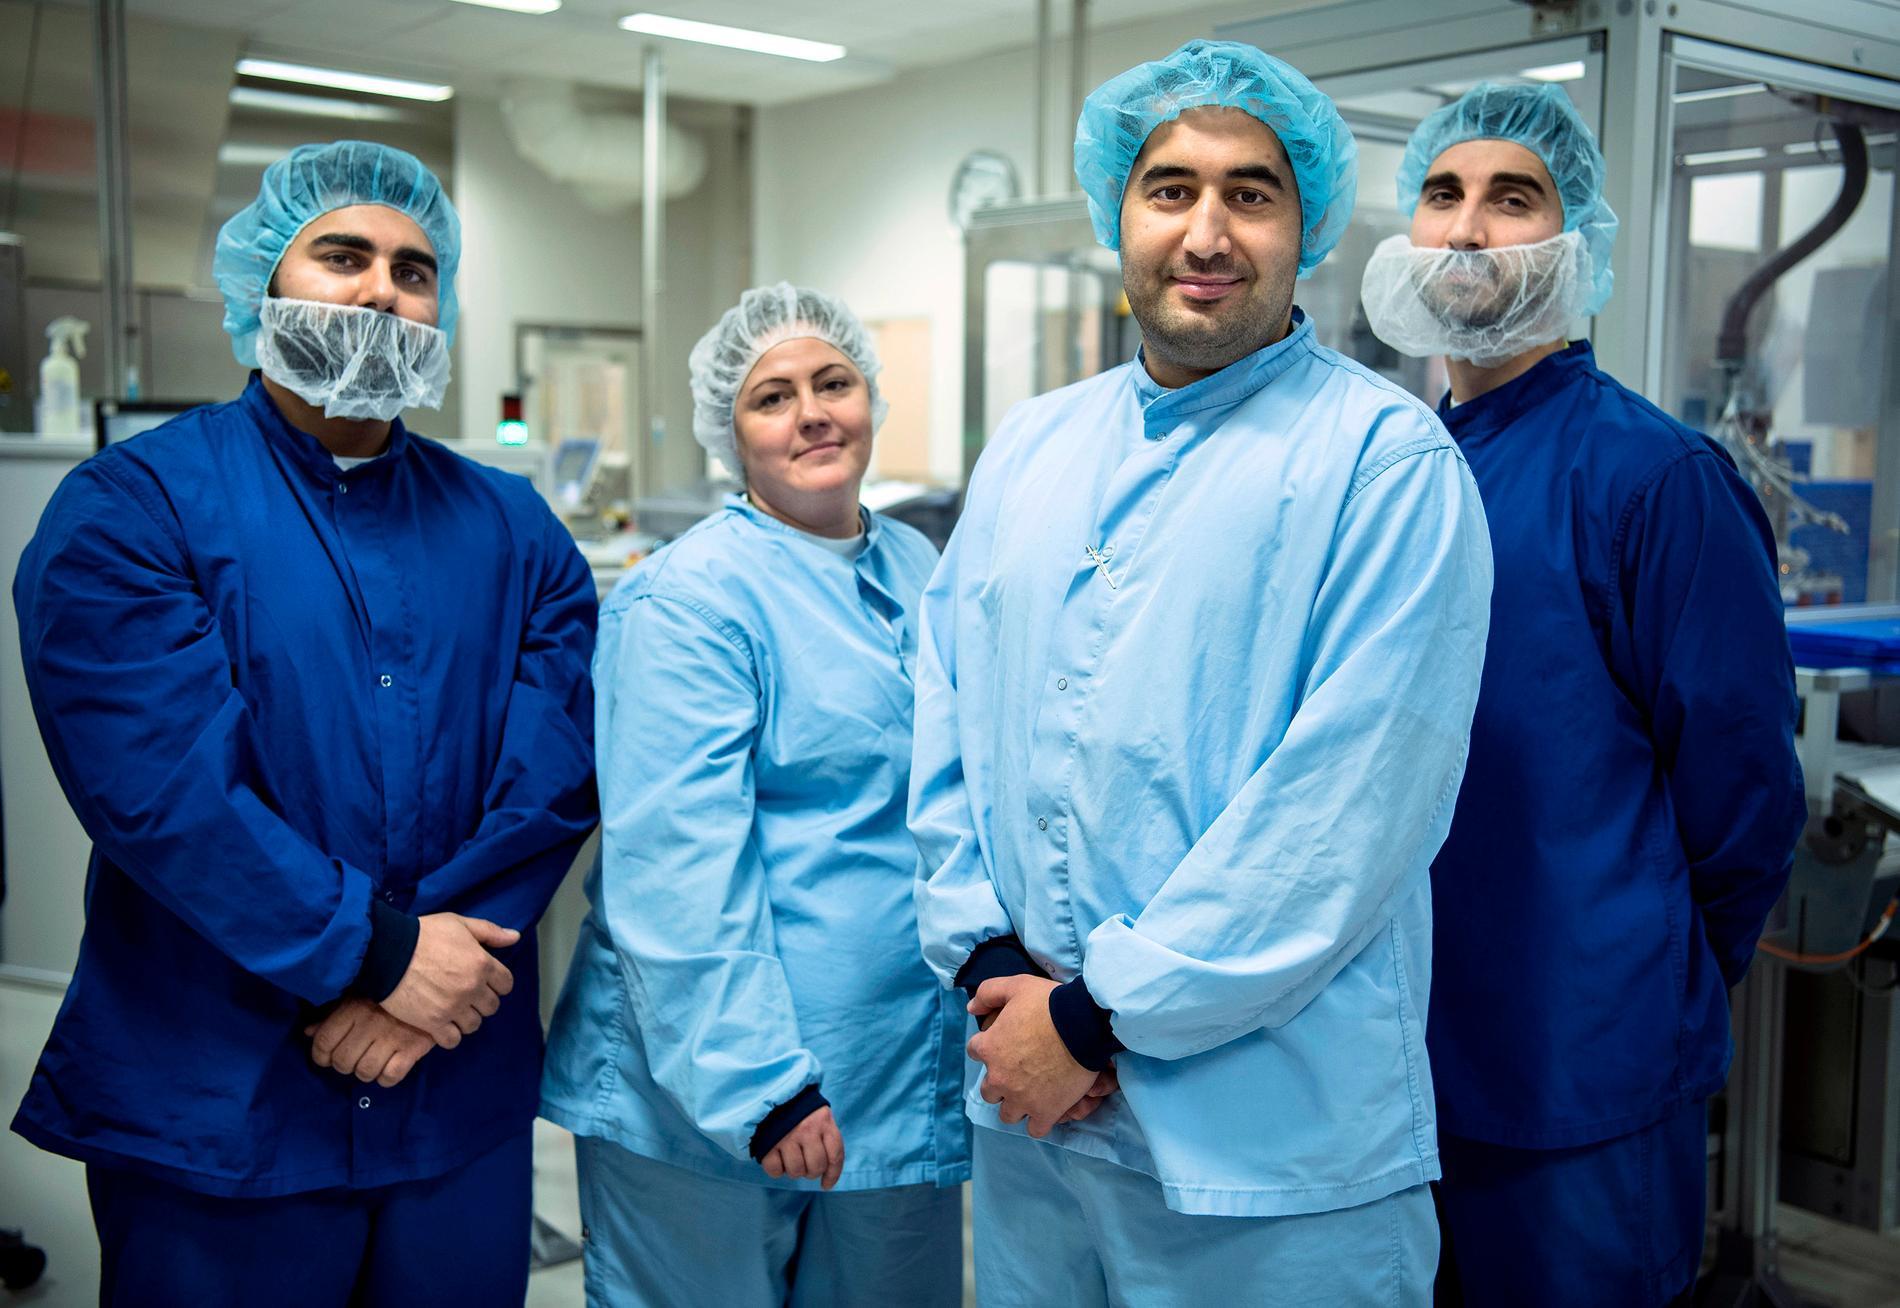 Edward El-Zuoki, Maria Liefvegren, Fares Youssef och Bernar El-Zuoki samlade igen där Fares sjönk ihop livlös men räddades till livet. För det fick vännerna priset Årets Hjärt-lungräddare av Riksförbundet HjärtLung. – Ni är hjältar allihop, säger han till kollegerna.